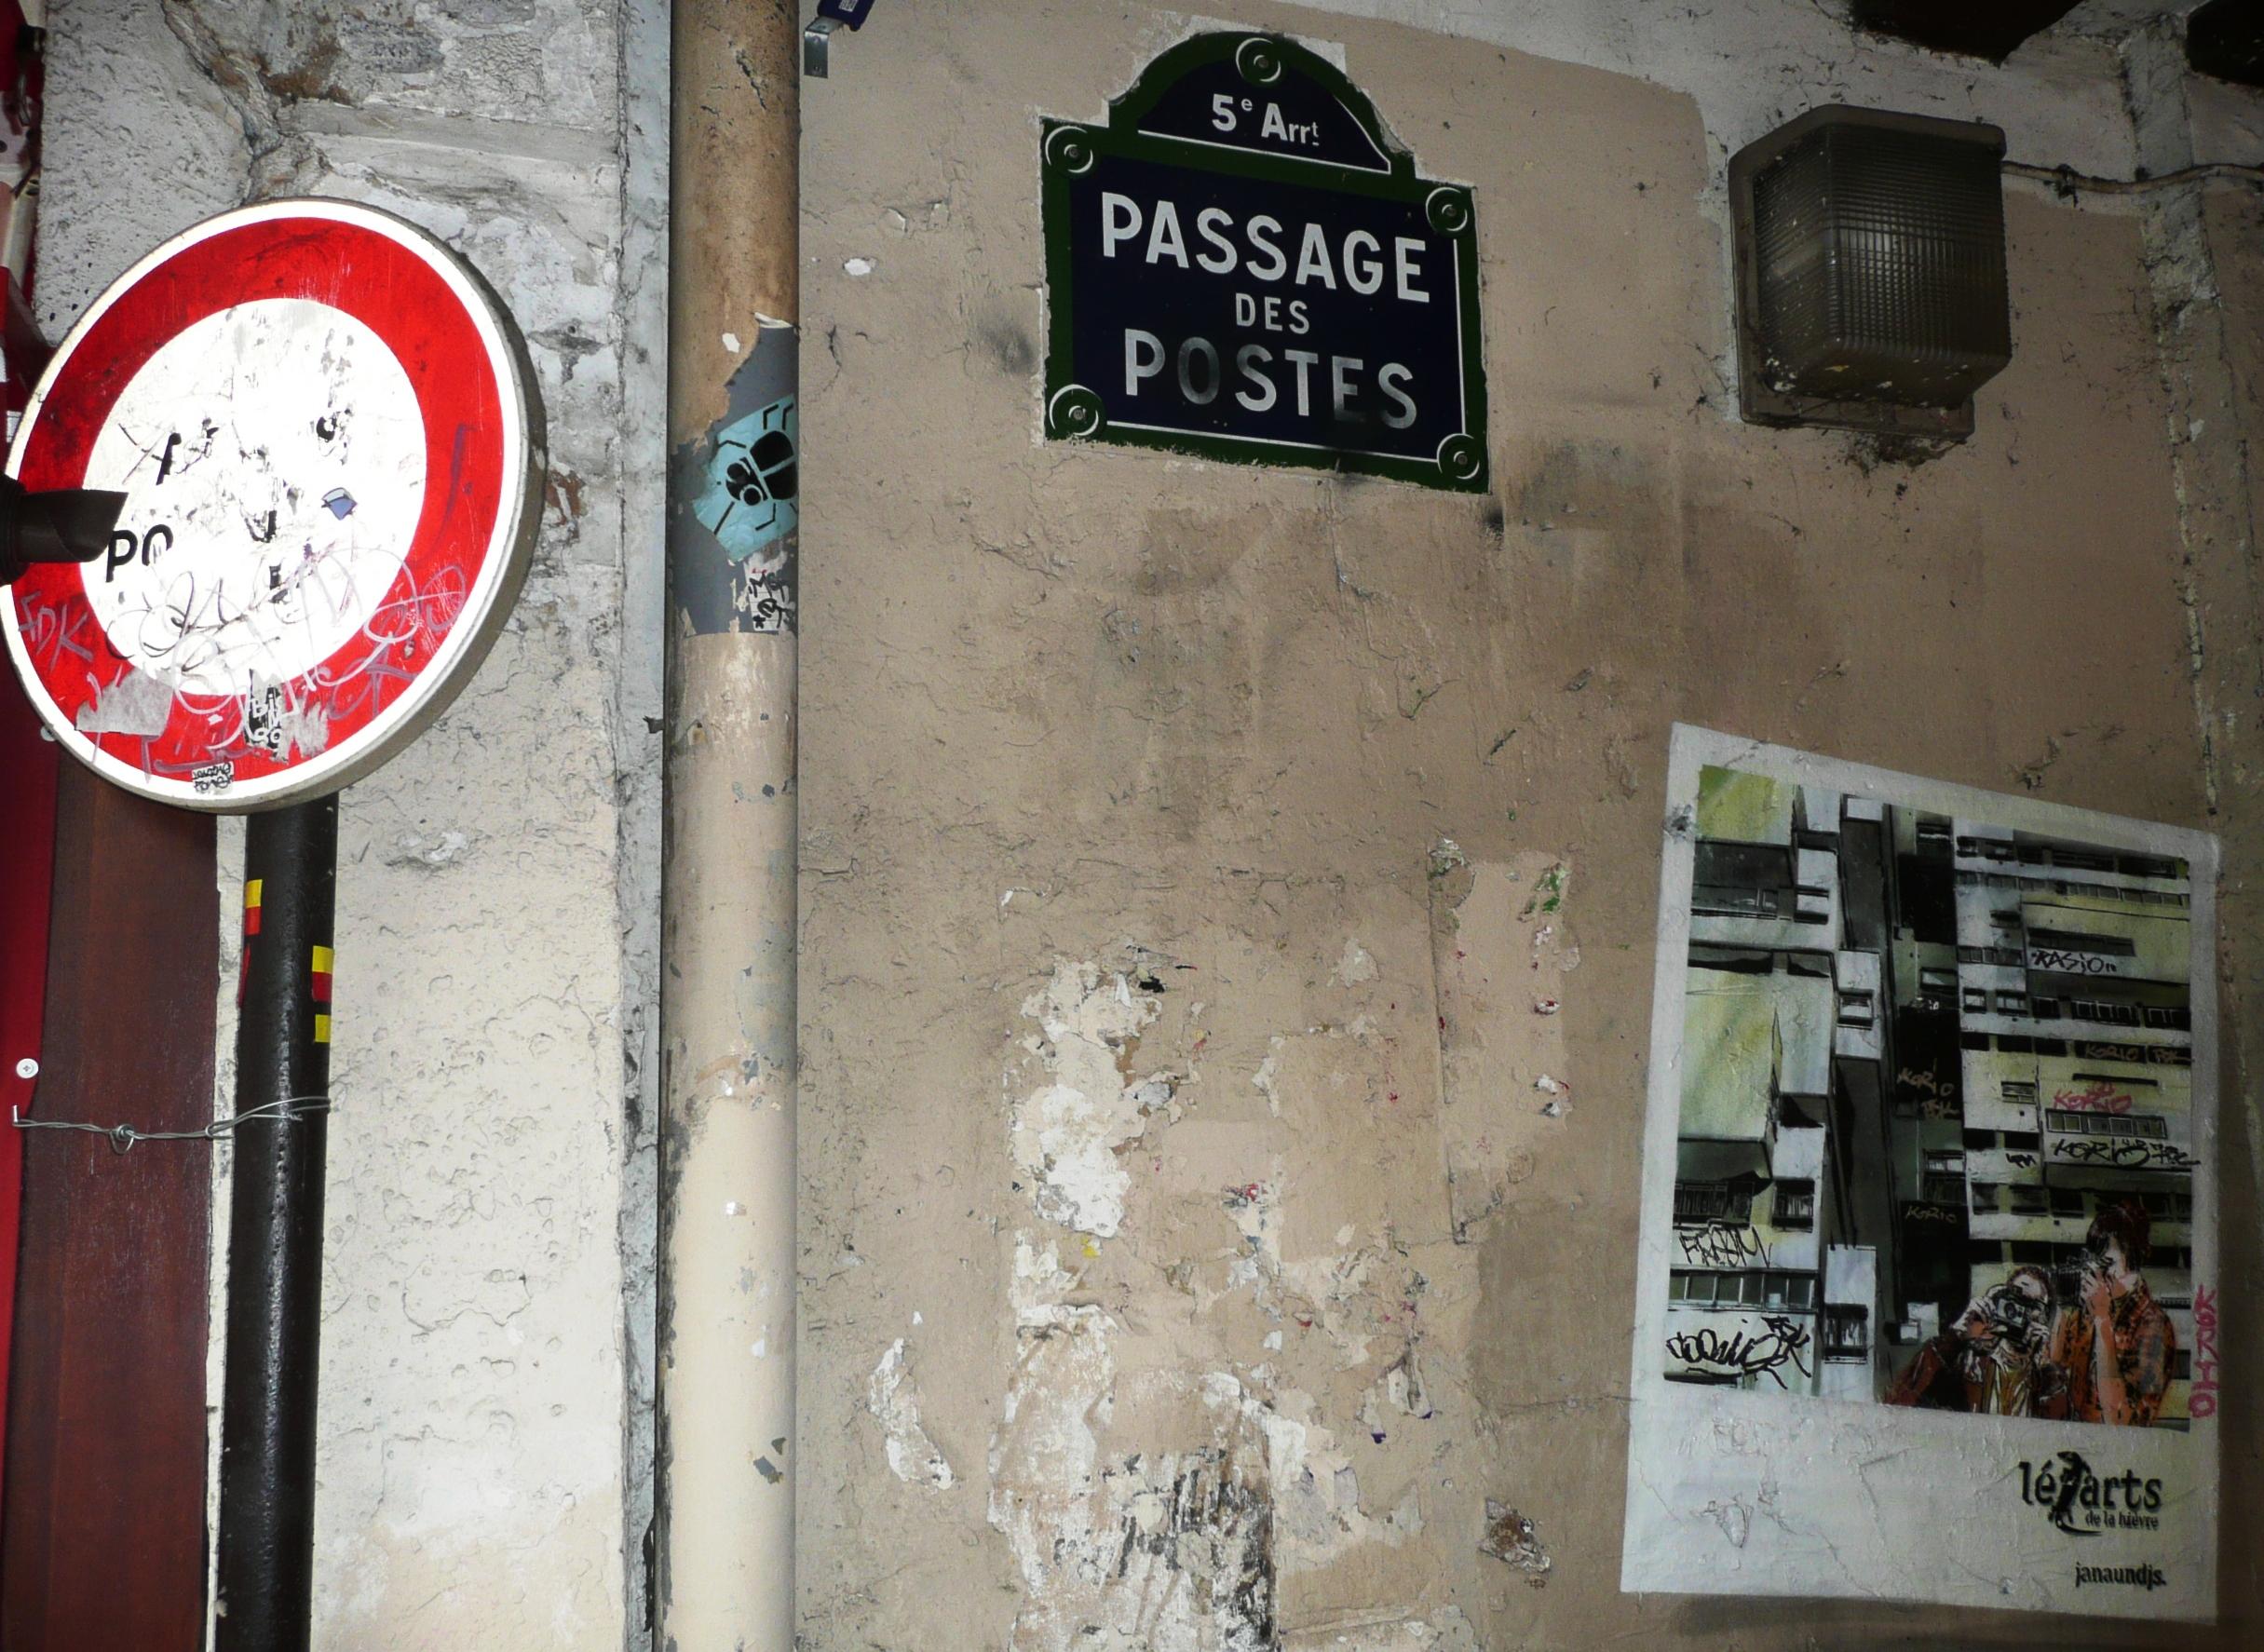 arte na rua de paris 2 - photo by mamcasz